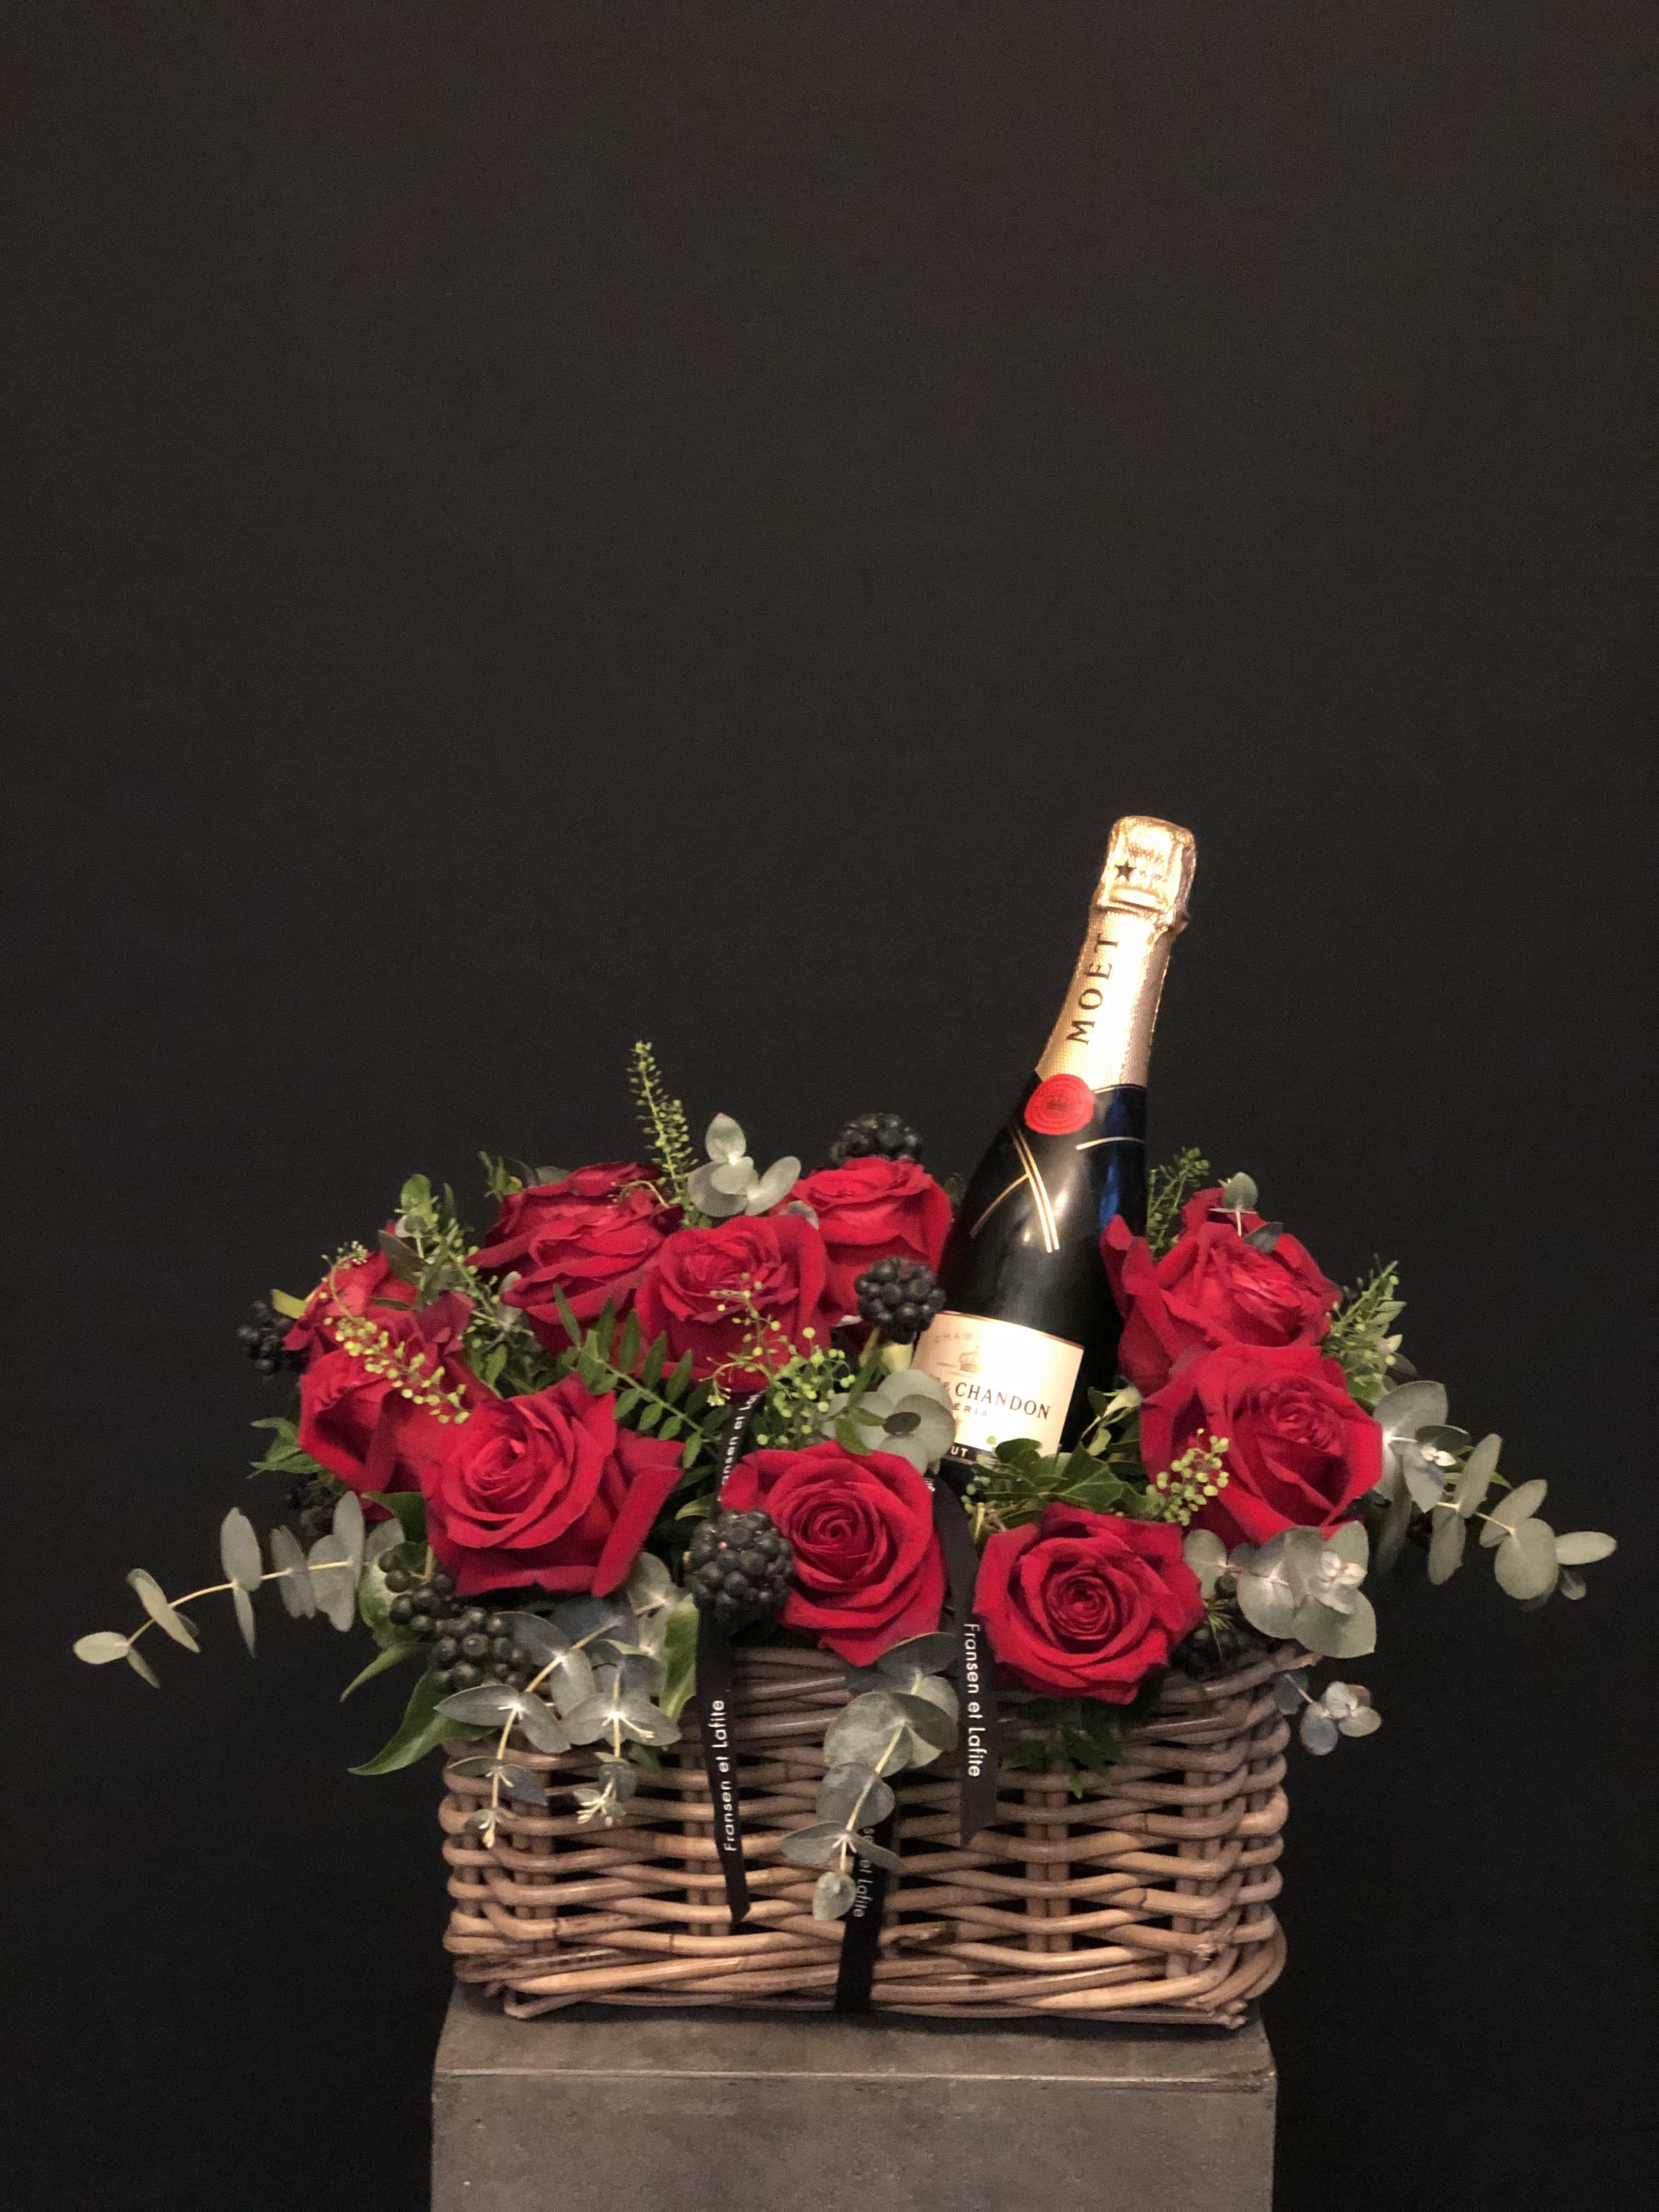 Cesta San Valentin con rosas rojas y Moet Chandon 375 ml